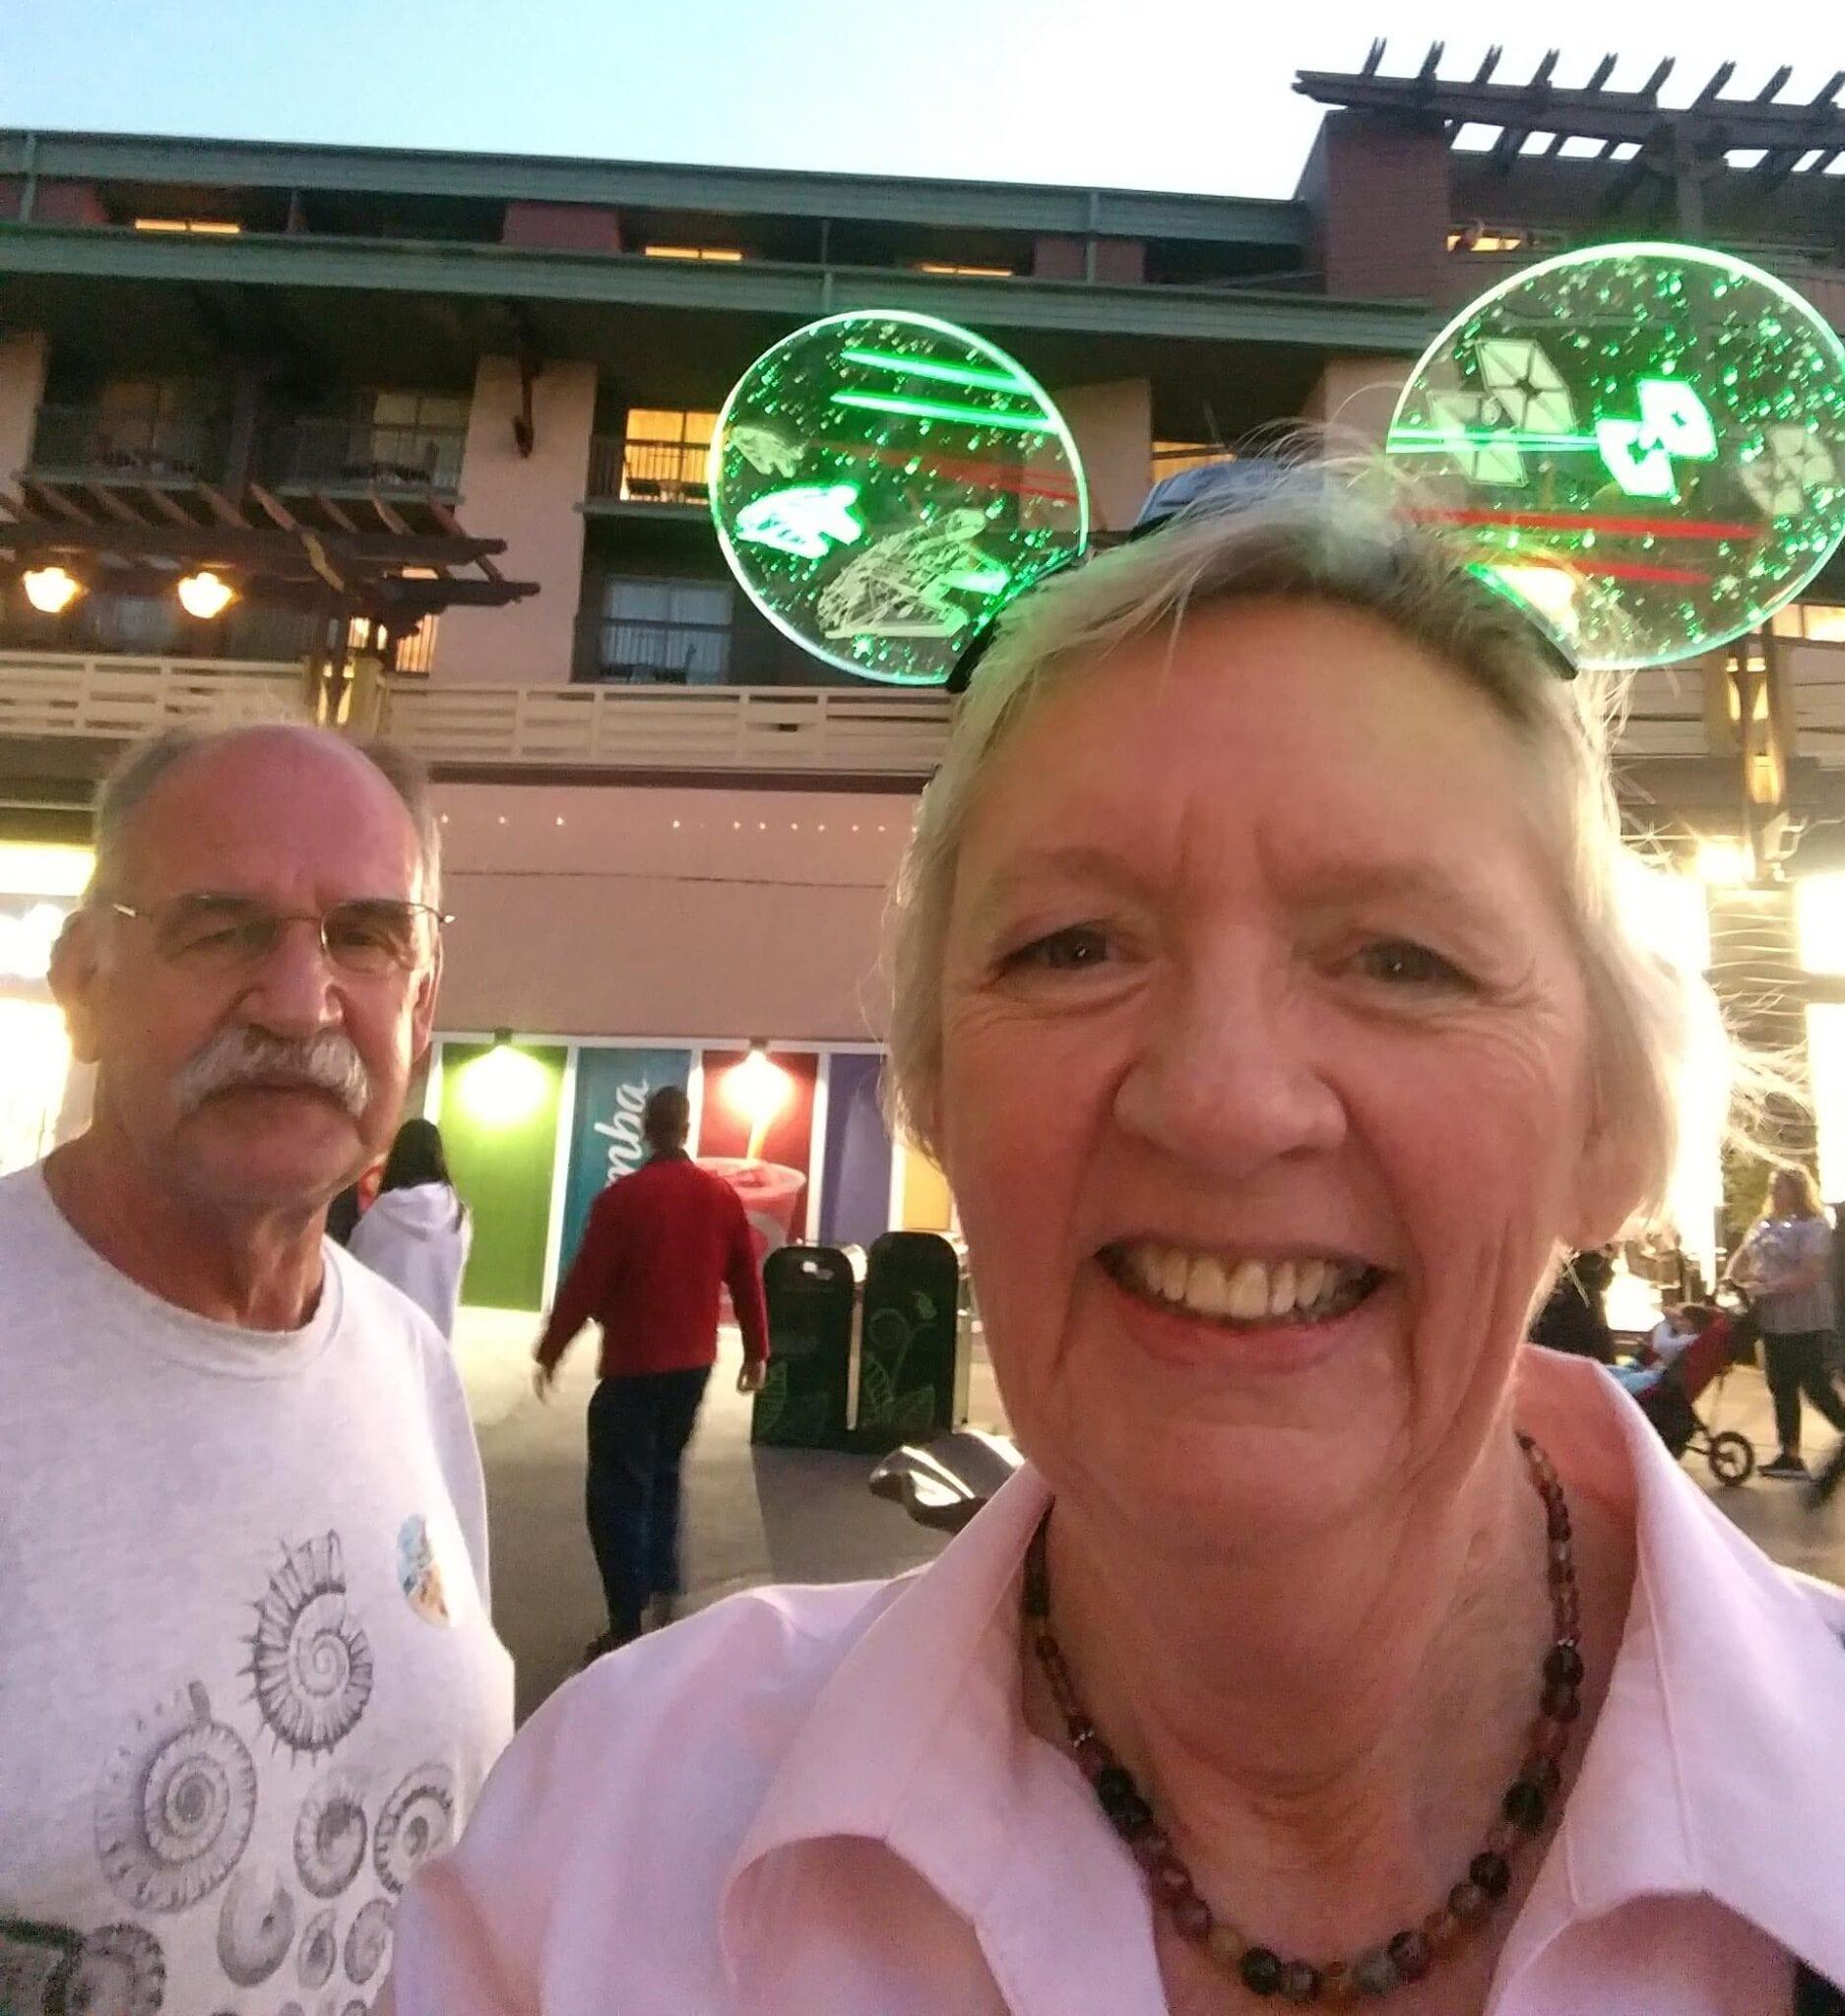 Steve and Susie at Disneyland